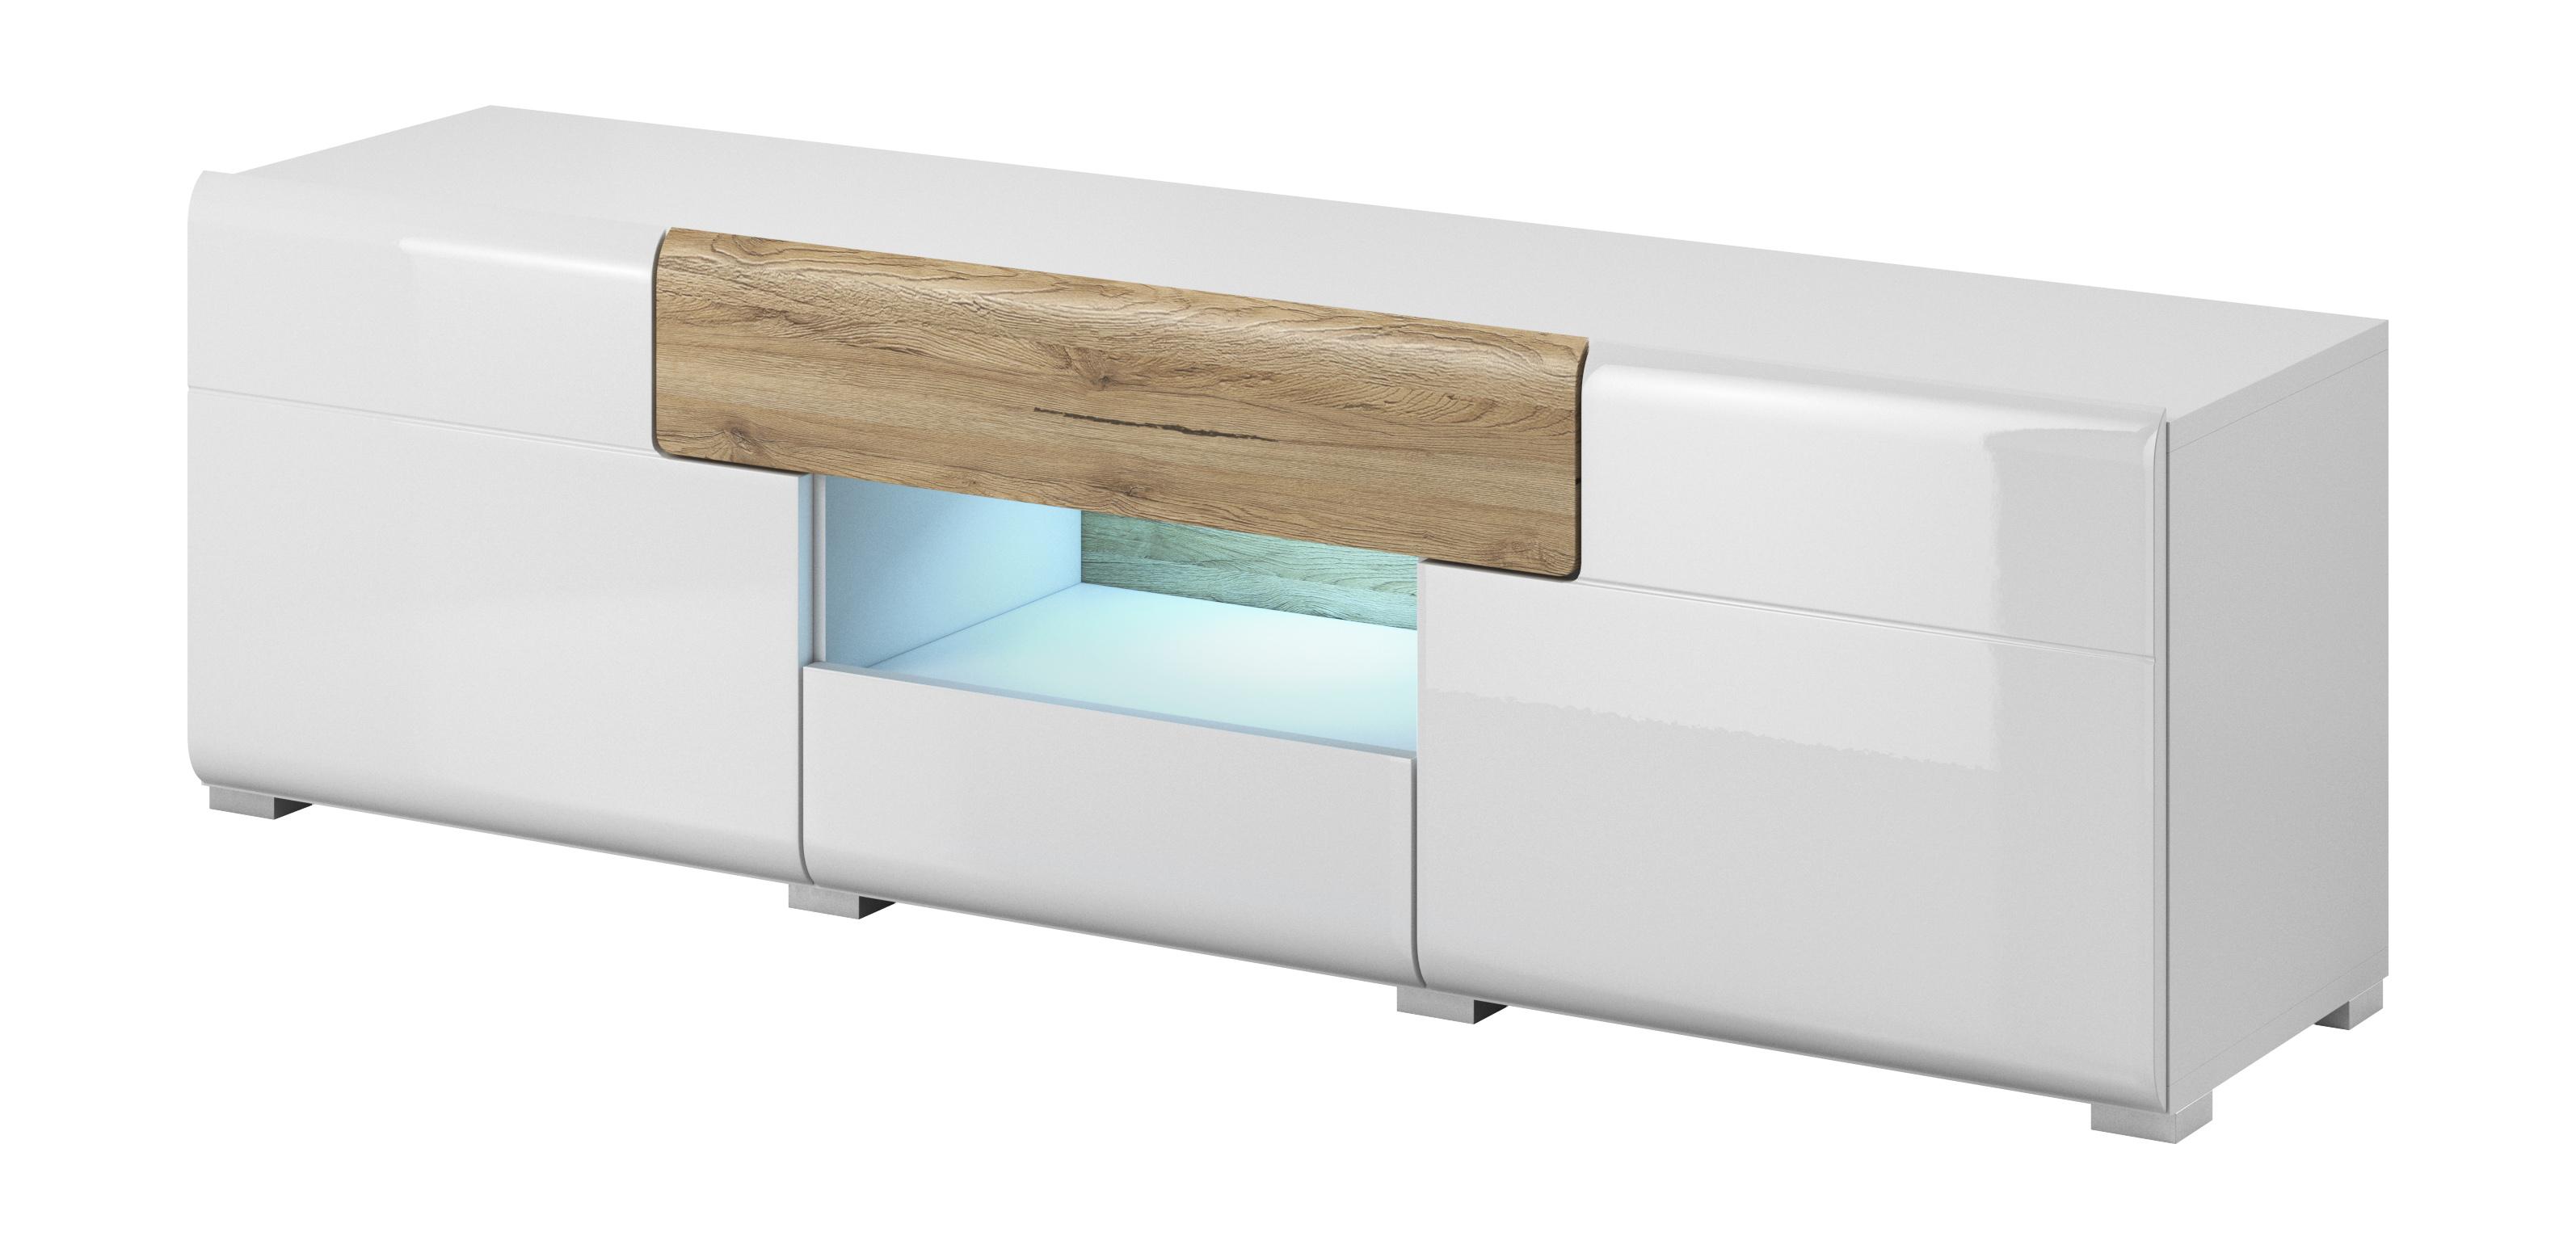 TV stolík/skrinka - Terence - Typ 41. Akcia -43%. Vlastná spoľahlivá doprava až k Vám domov.